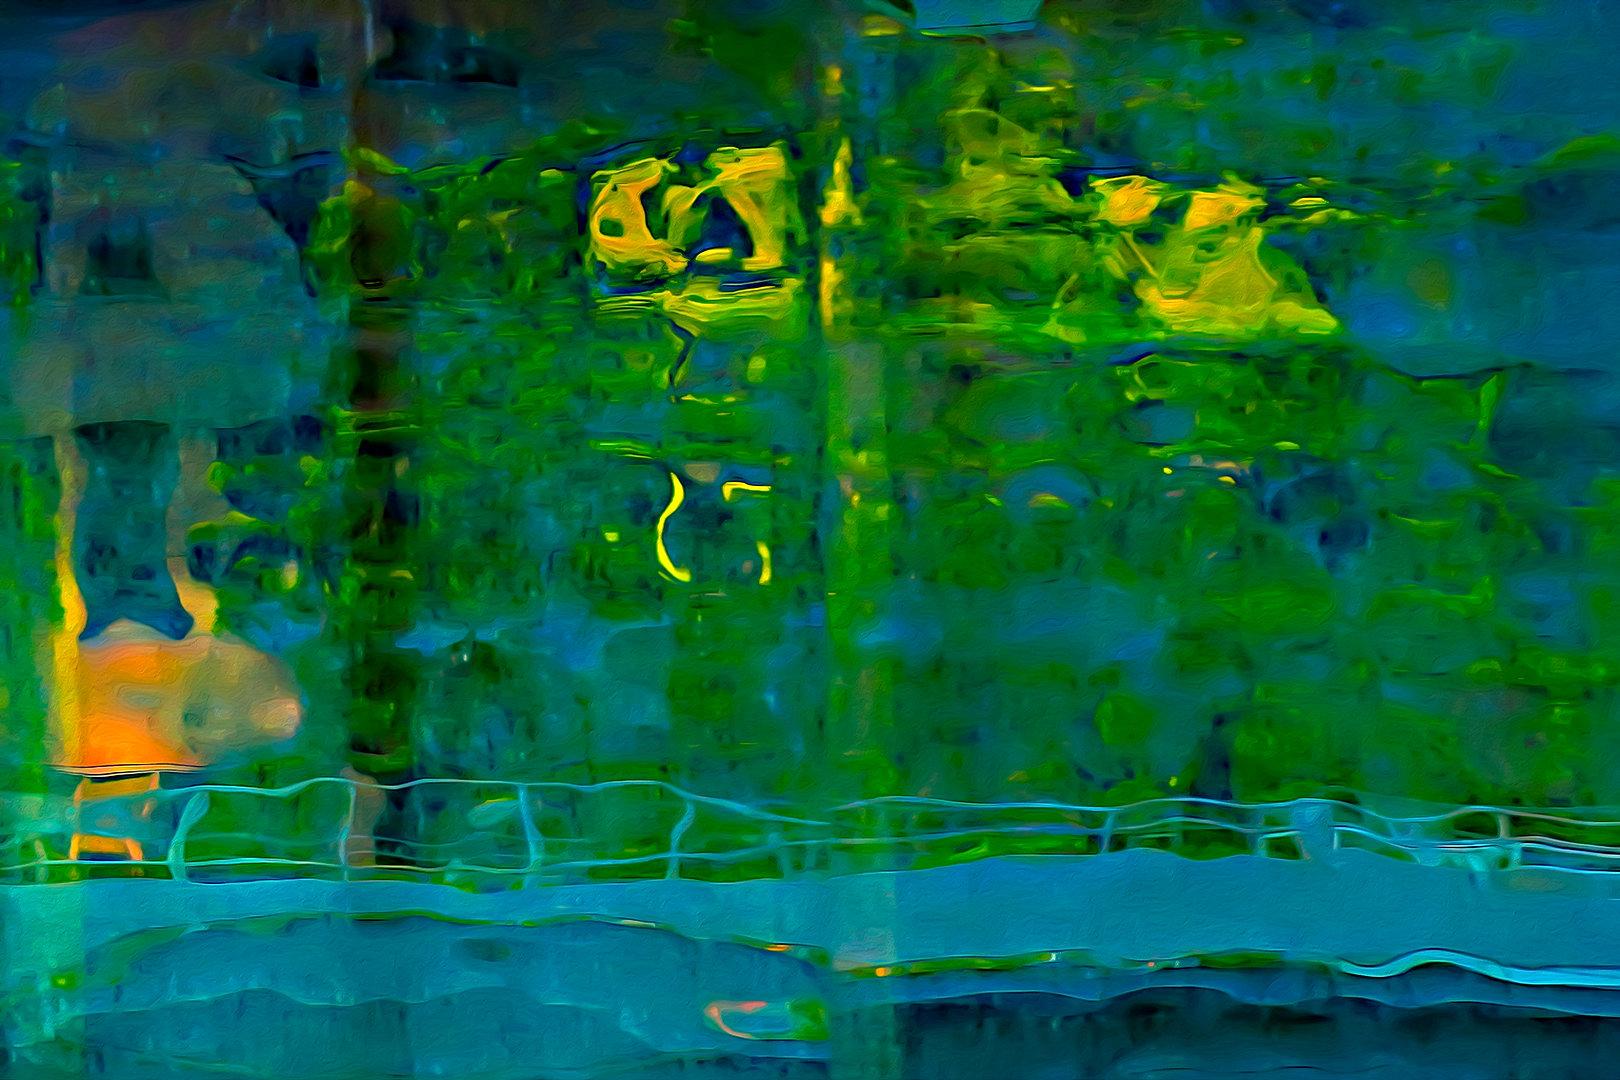 RÉFLEXION Nº 87  Photographie d'art grand format par Denis Eugène Robert sur TRAGART